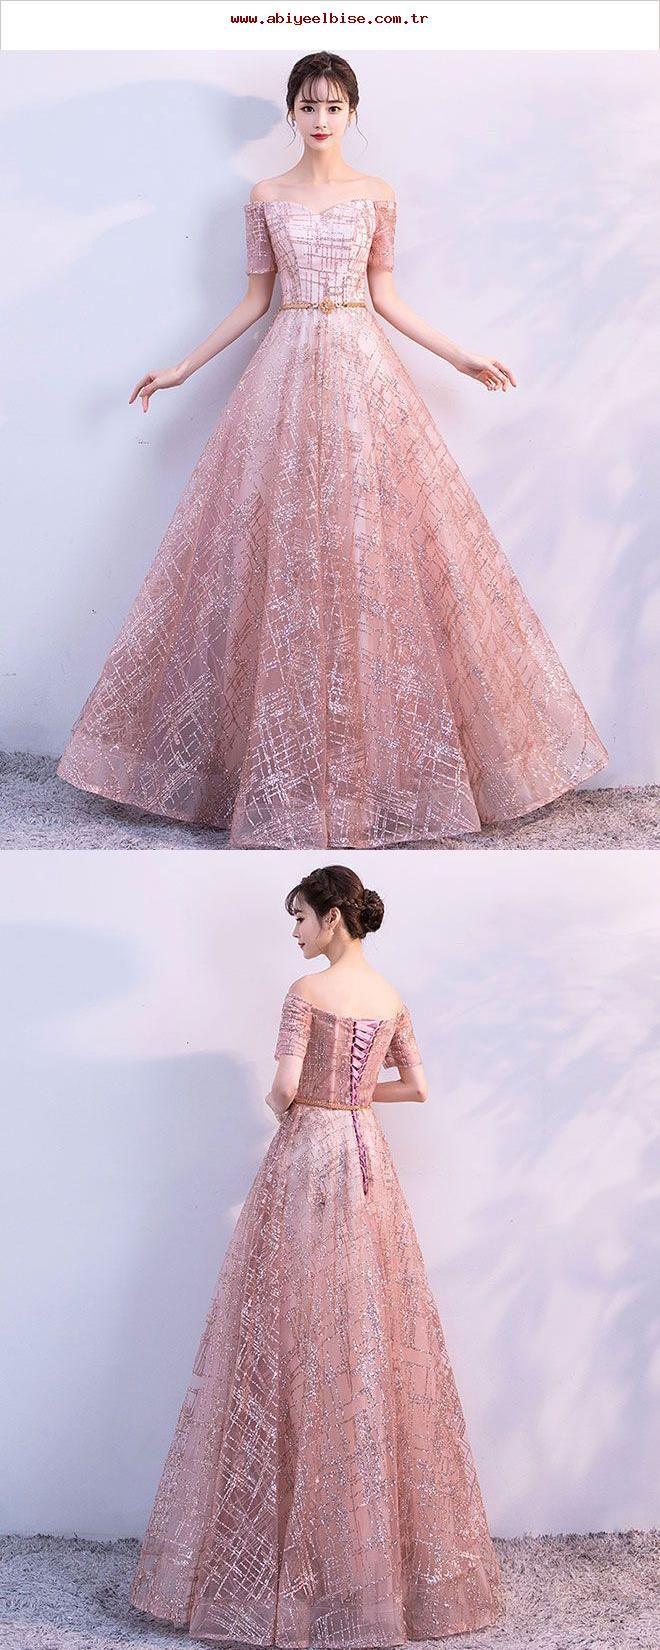 Schönes langes Tüllkleid aus Tüll, Abendkleid, #abendkleid #langes